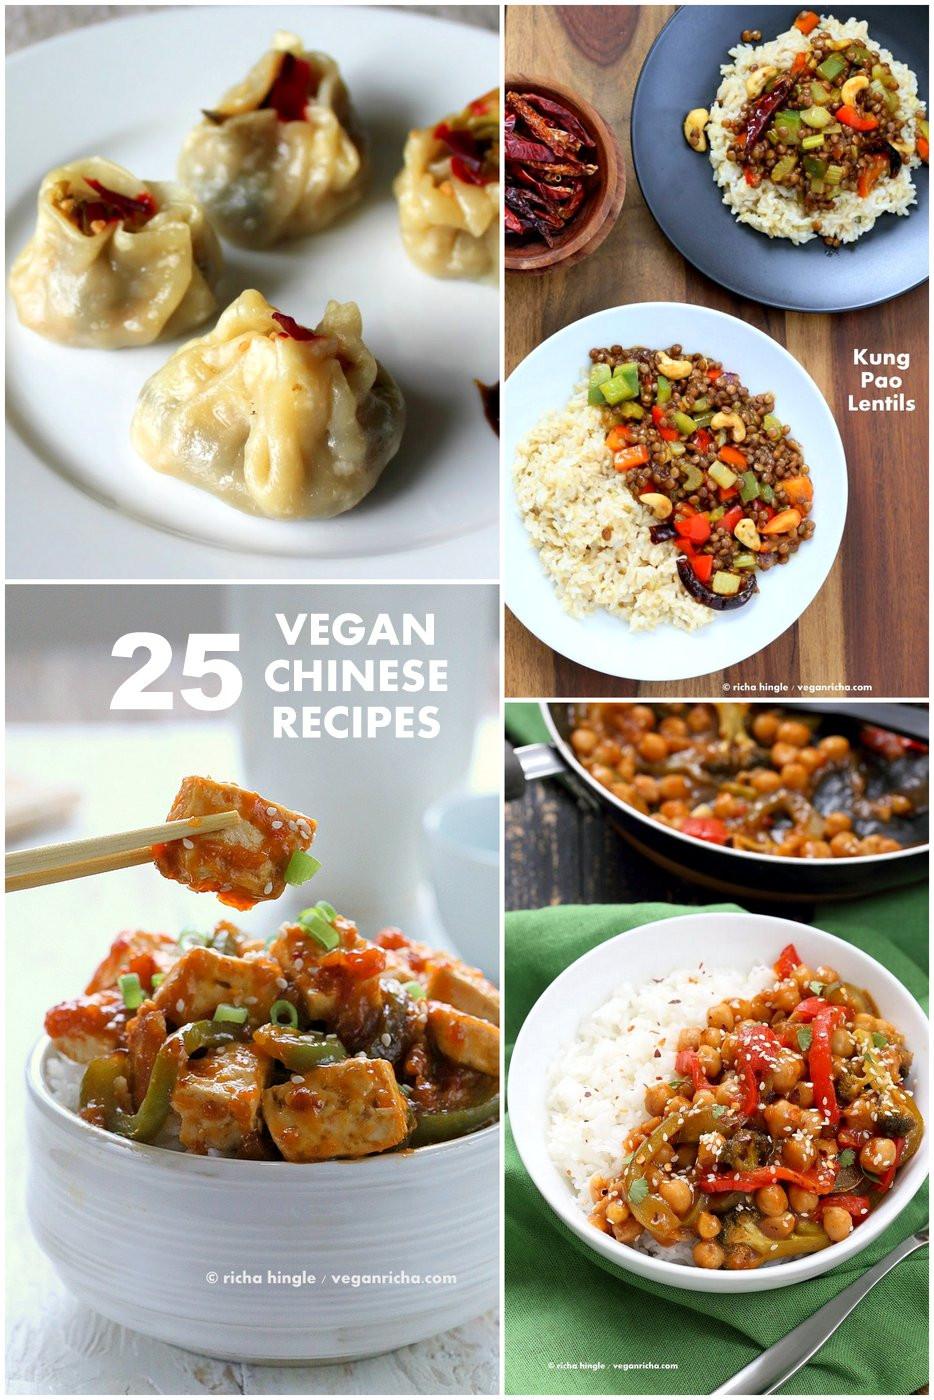 Vegan Chinese Recipes  25 Vegan Chinese Recipes Vegan Richa